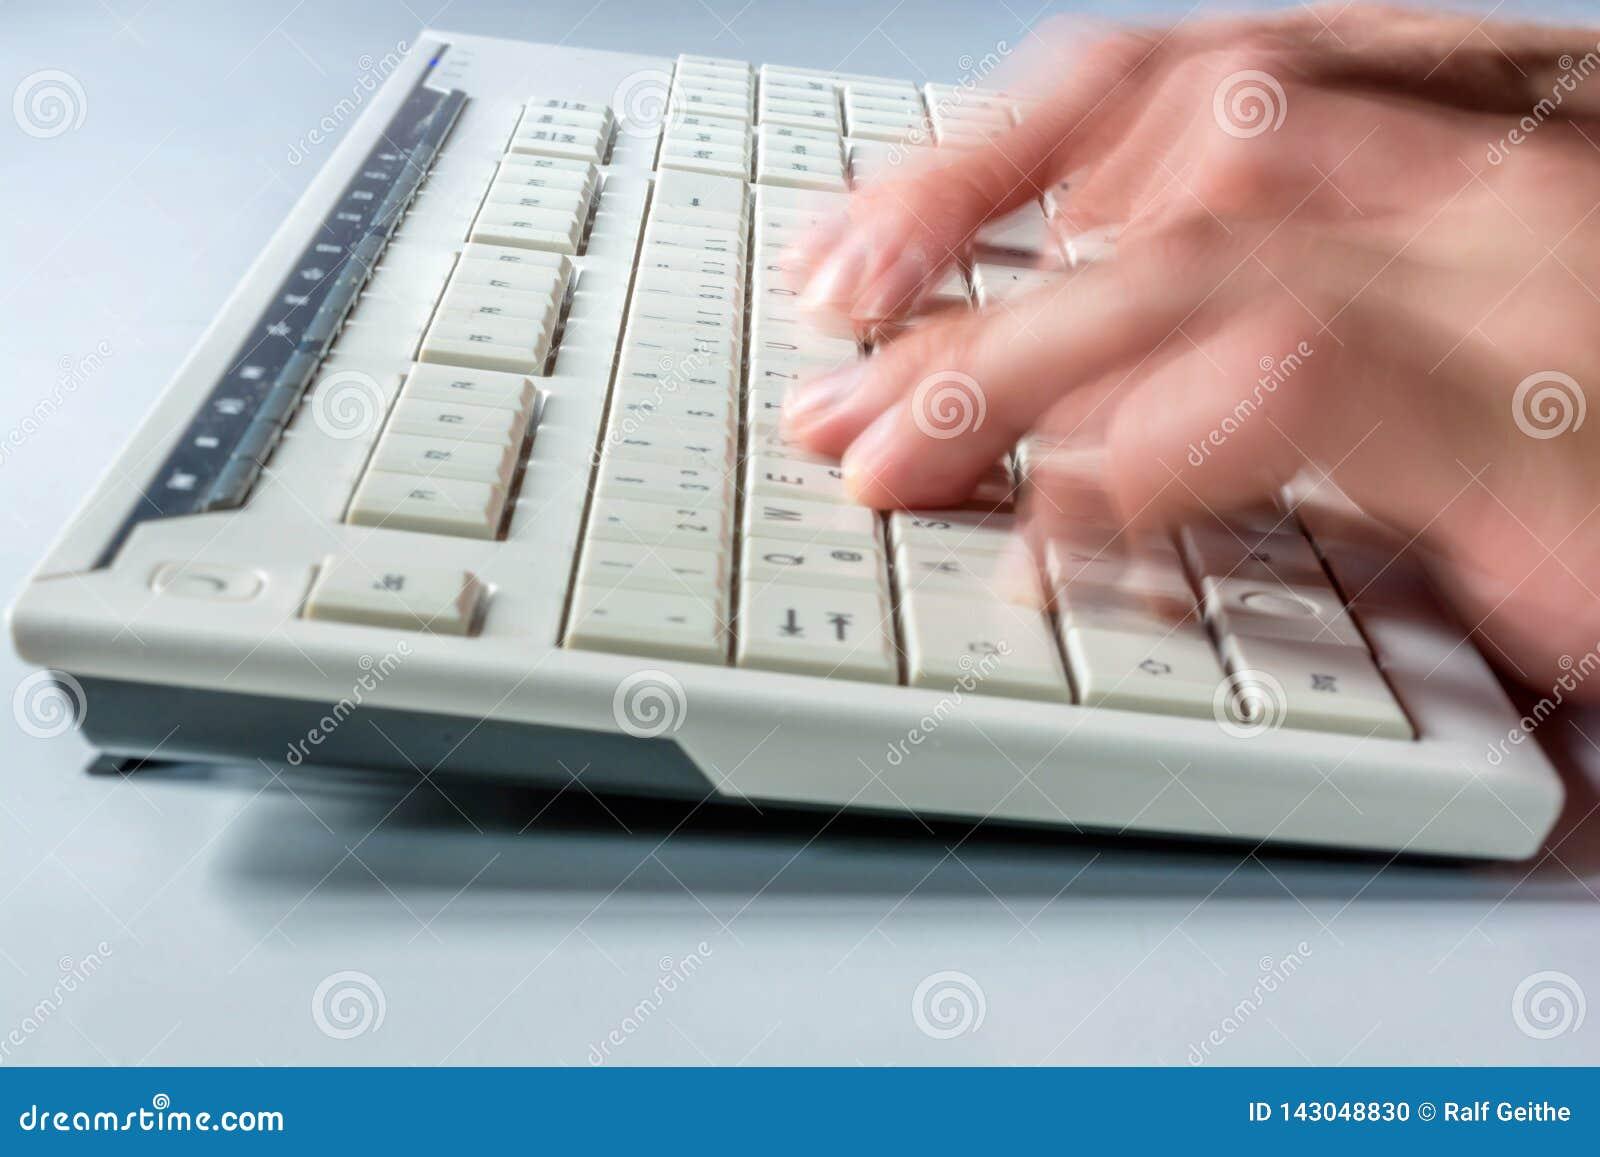 Snabb maskinskrivning på tangentbordet av en dator